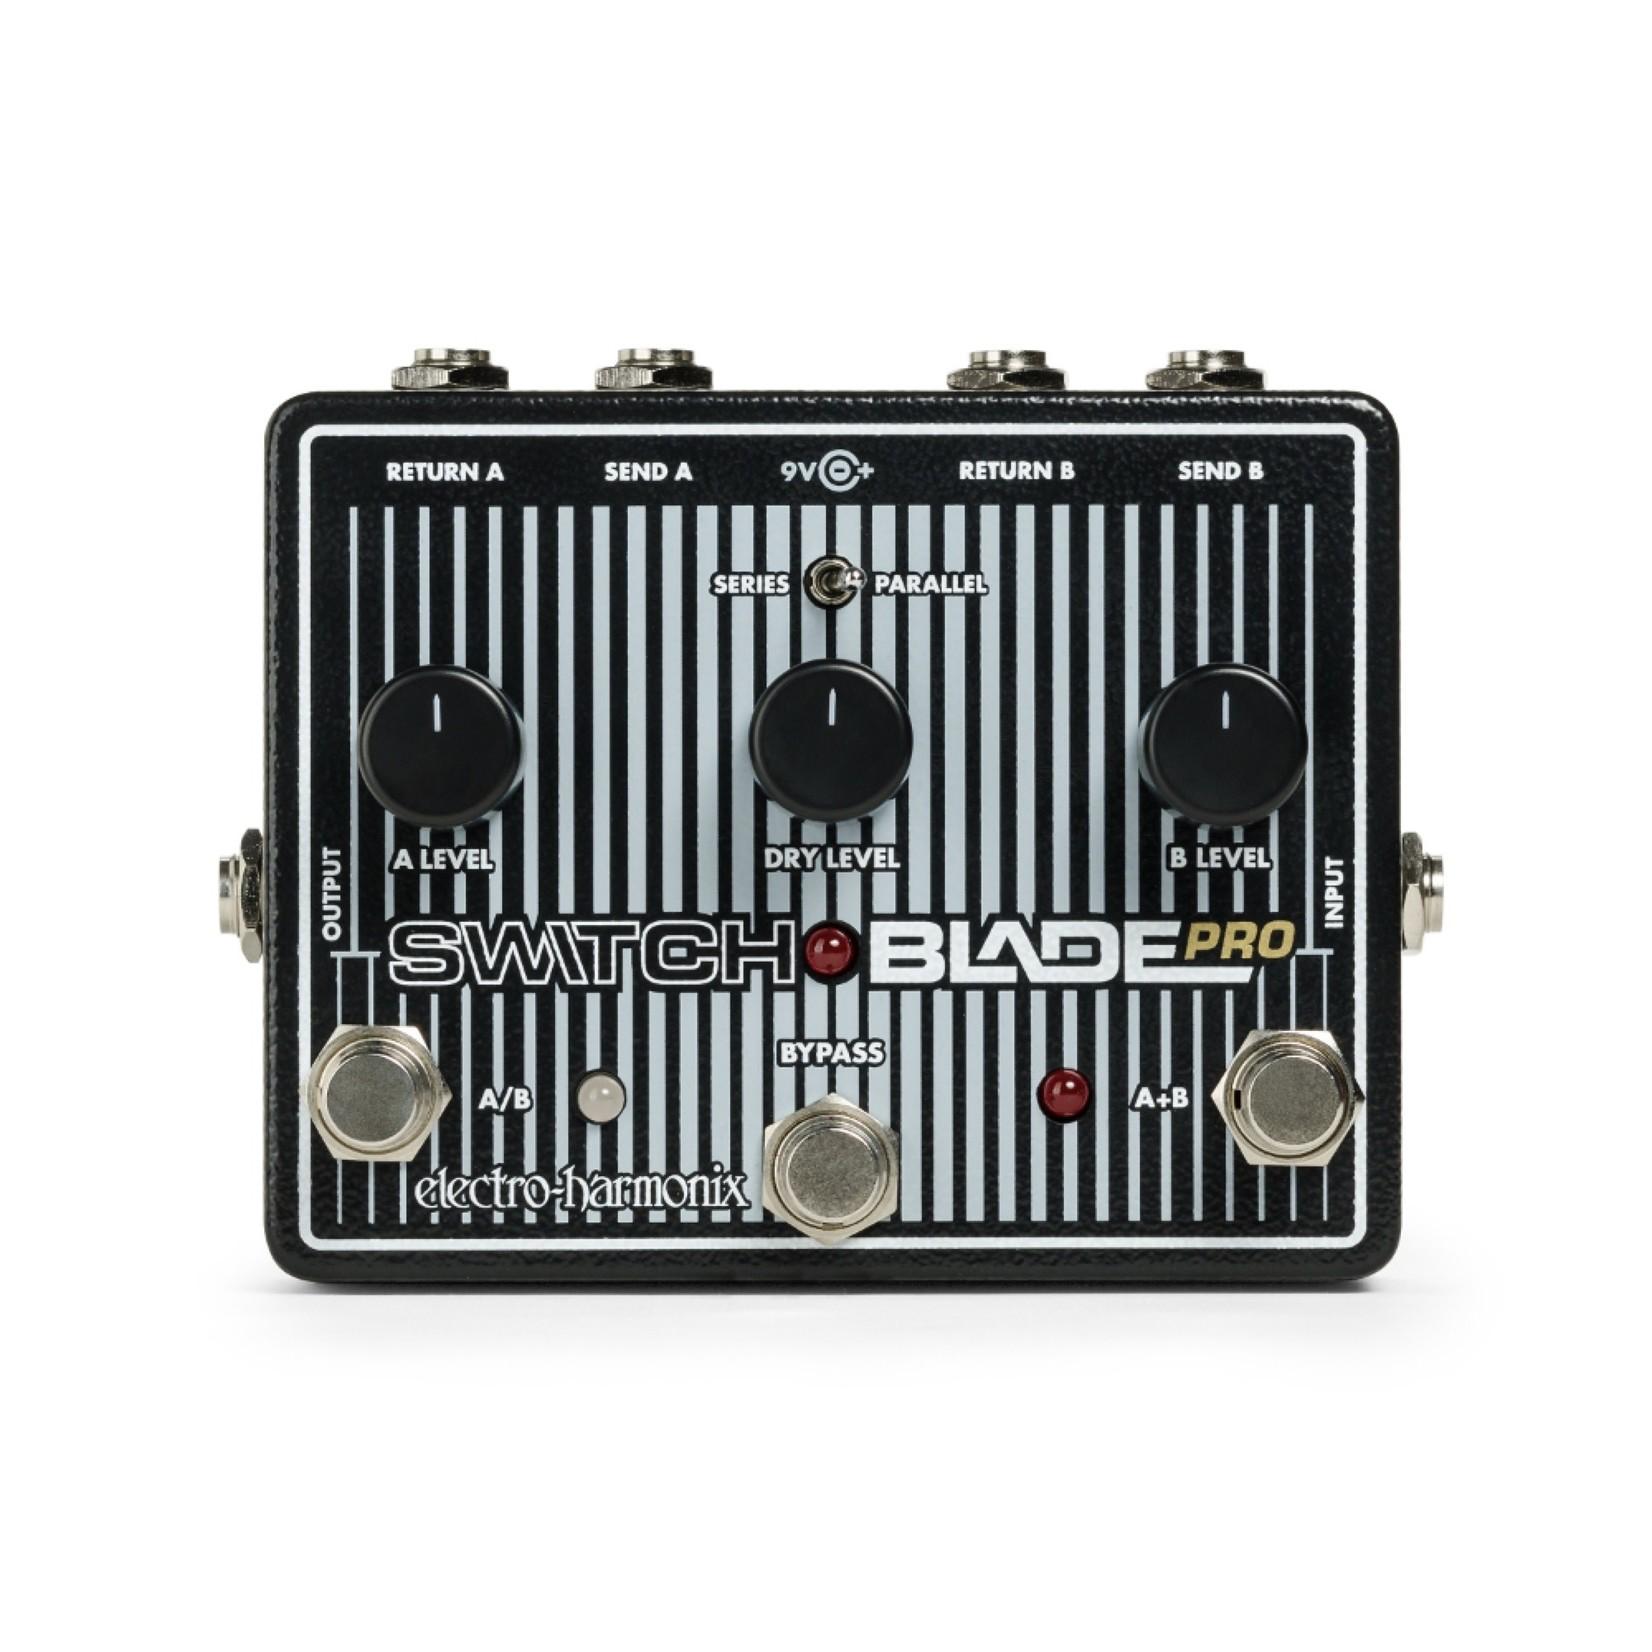 Electro-Harmonix Electro-Harmonix Switchblade Pro Deluxe Switcher